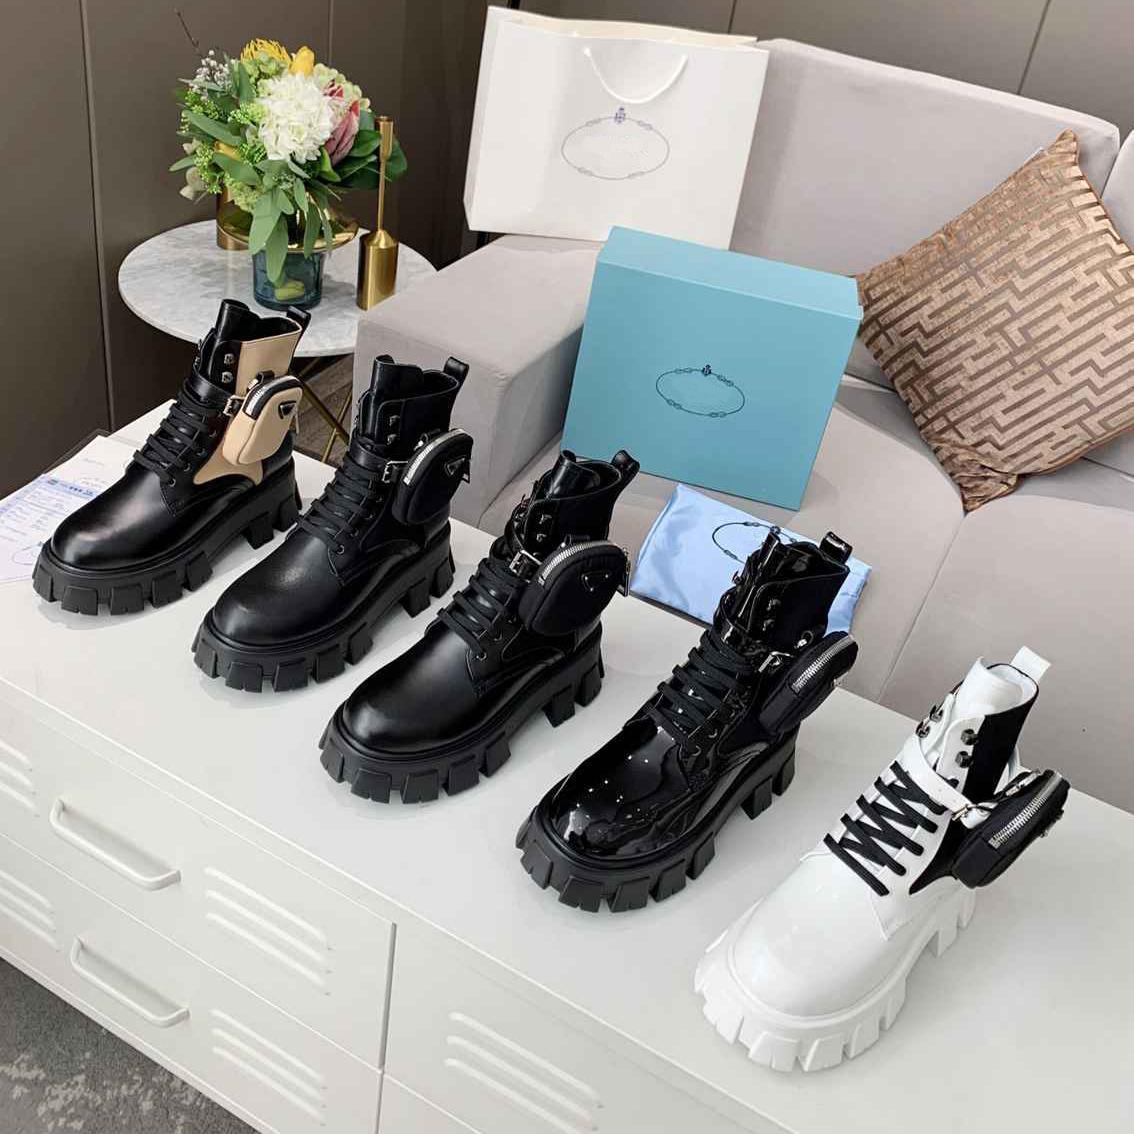 Alta qualità inverno womens stivali in vitello pelle di vitello Martin scarpa rimovibile in nylon custodia da combattimento scarpe da combattimento da donna all'outdoor sfondo spessore a metà lunghezza 35-45